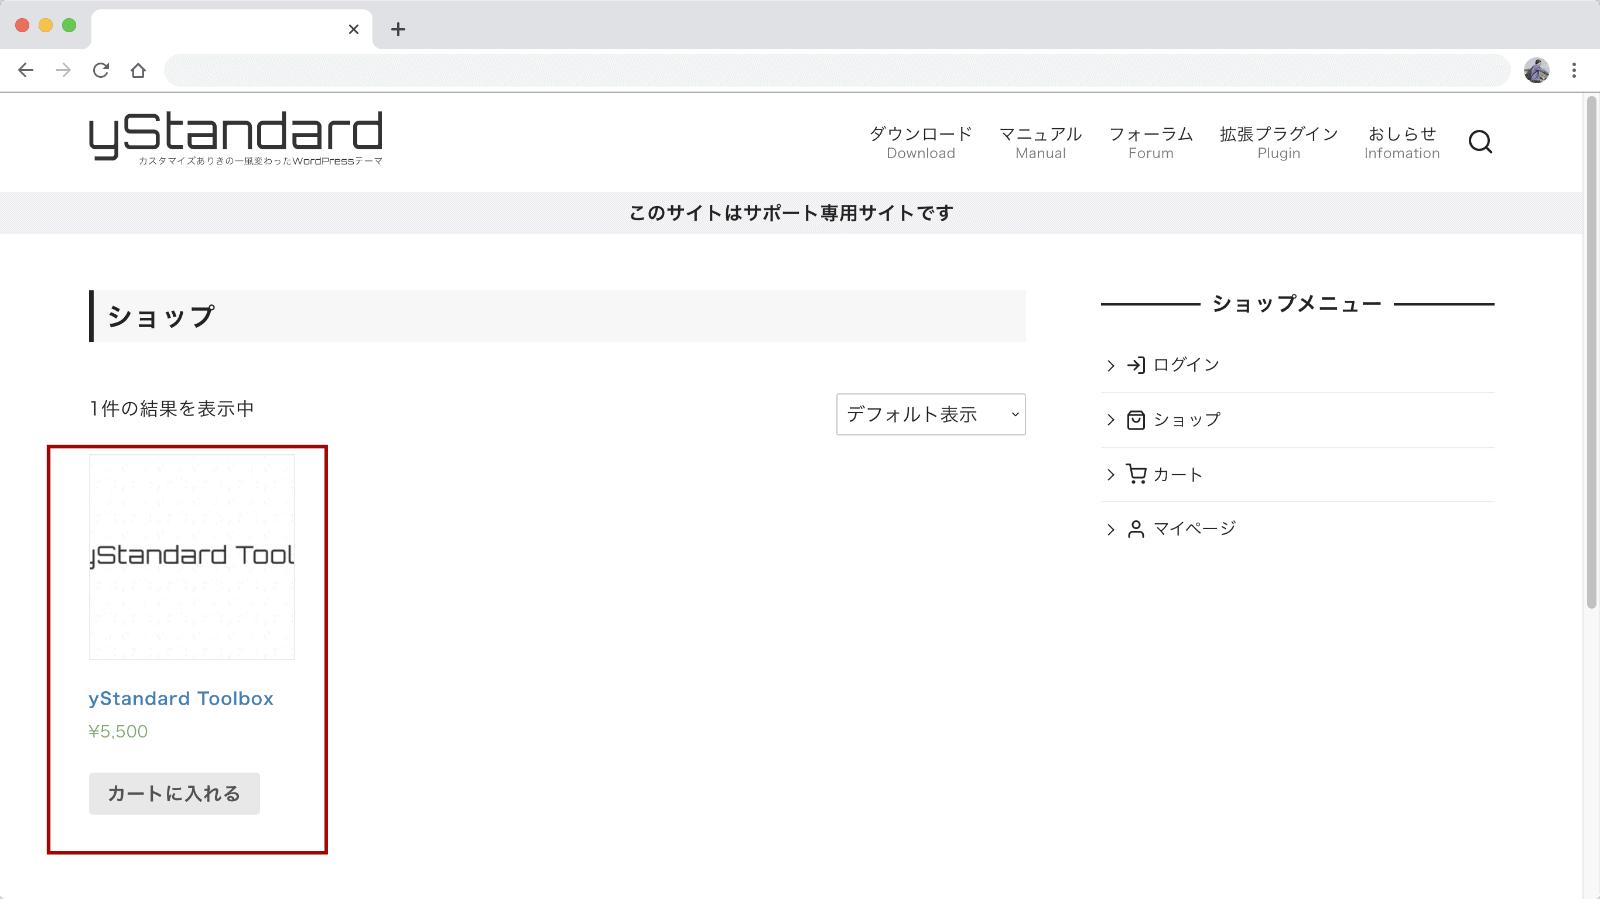 商品一覧ページからyStandard Toolboxを選ぶ